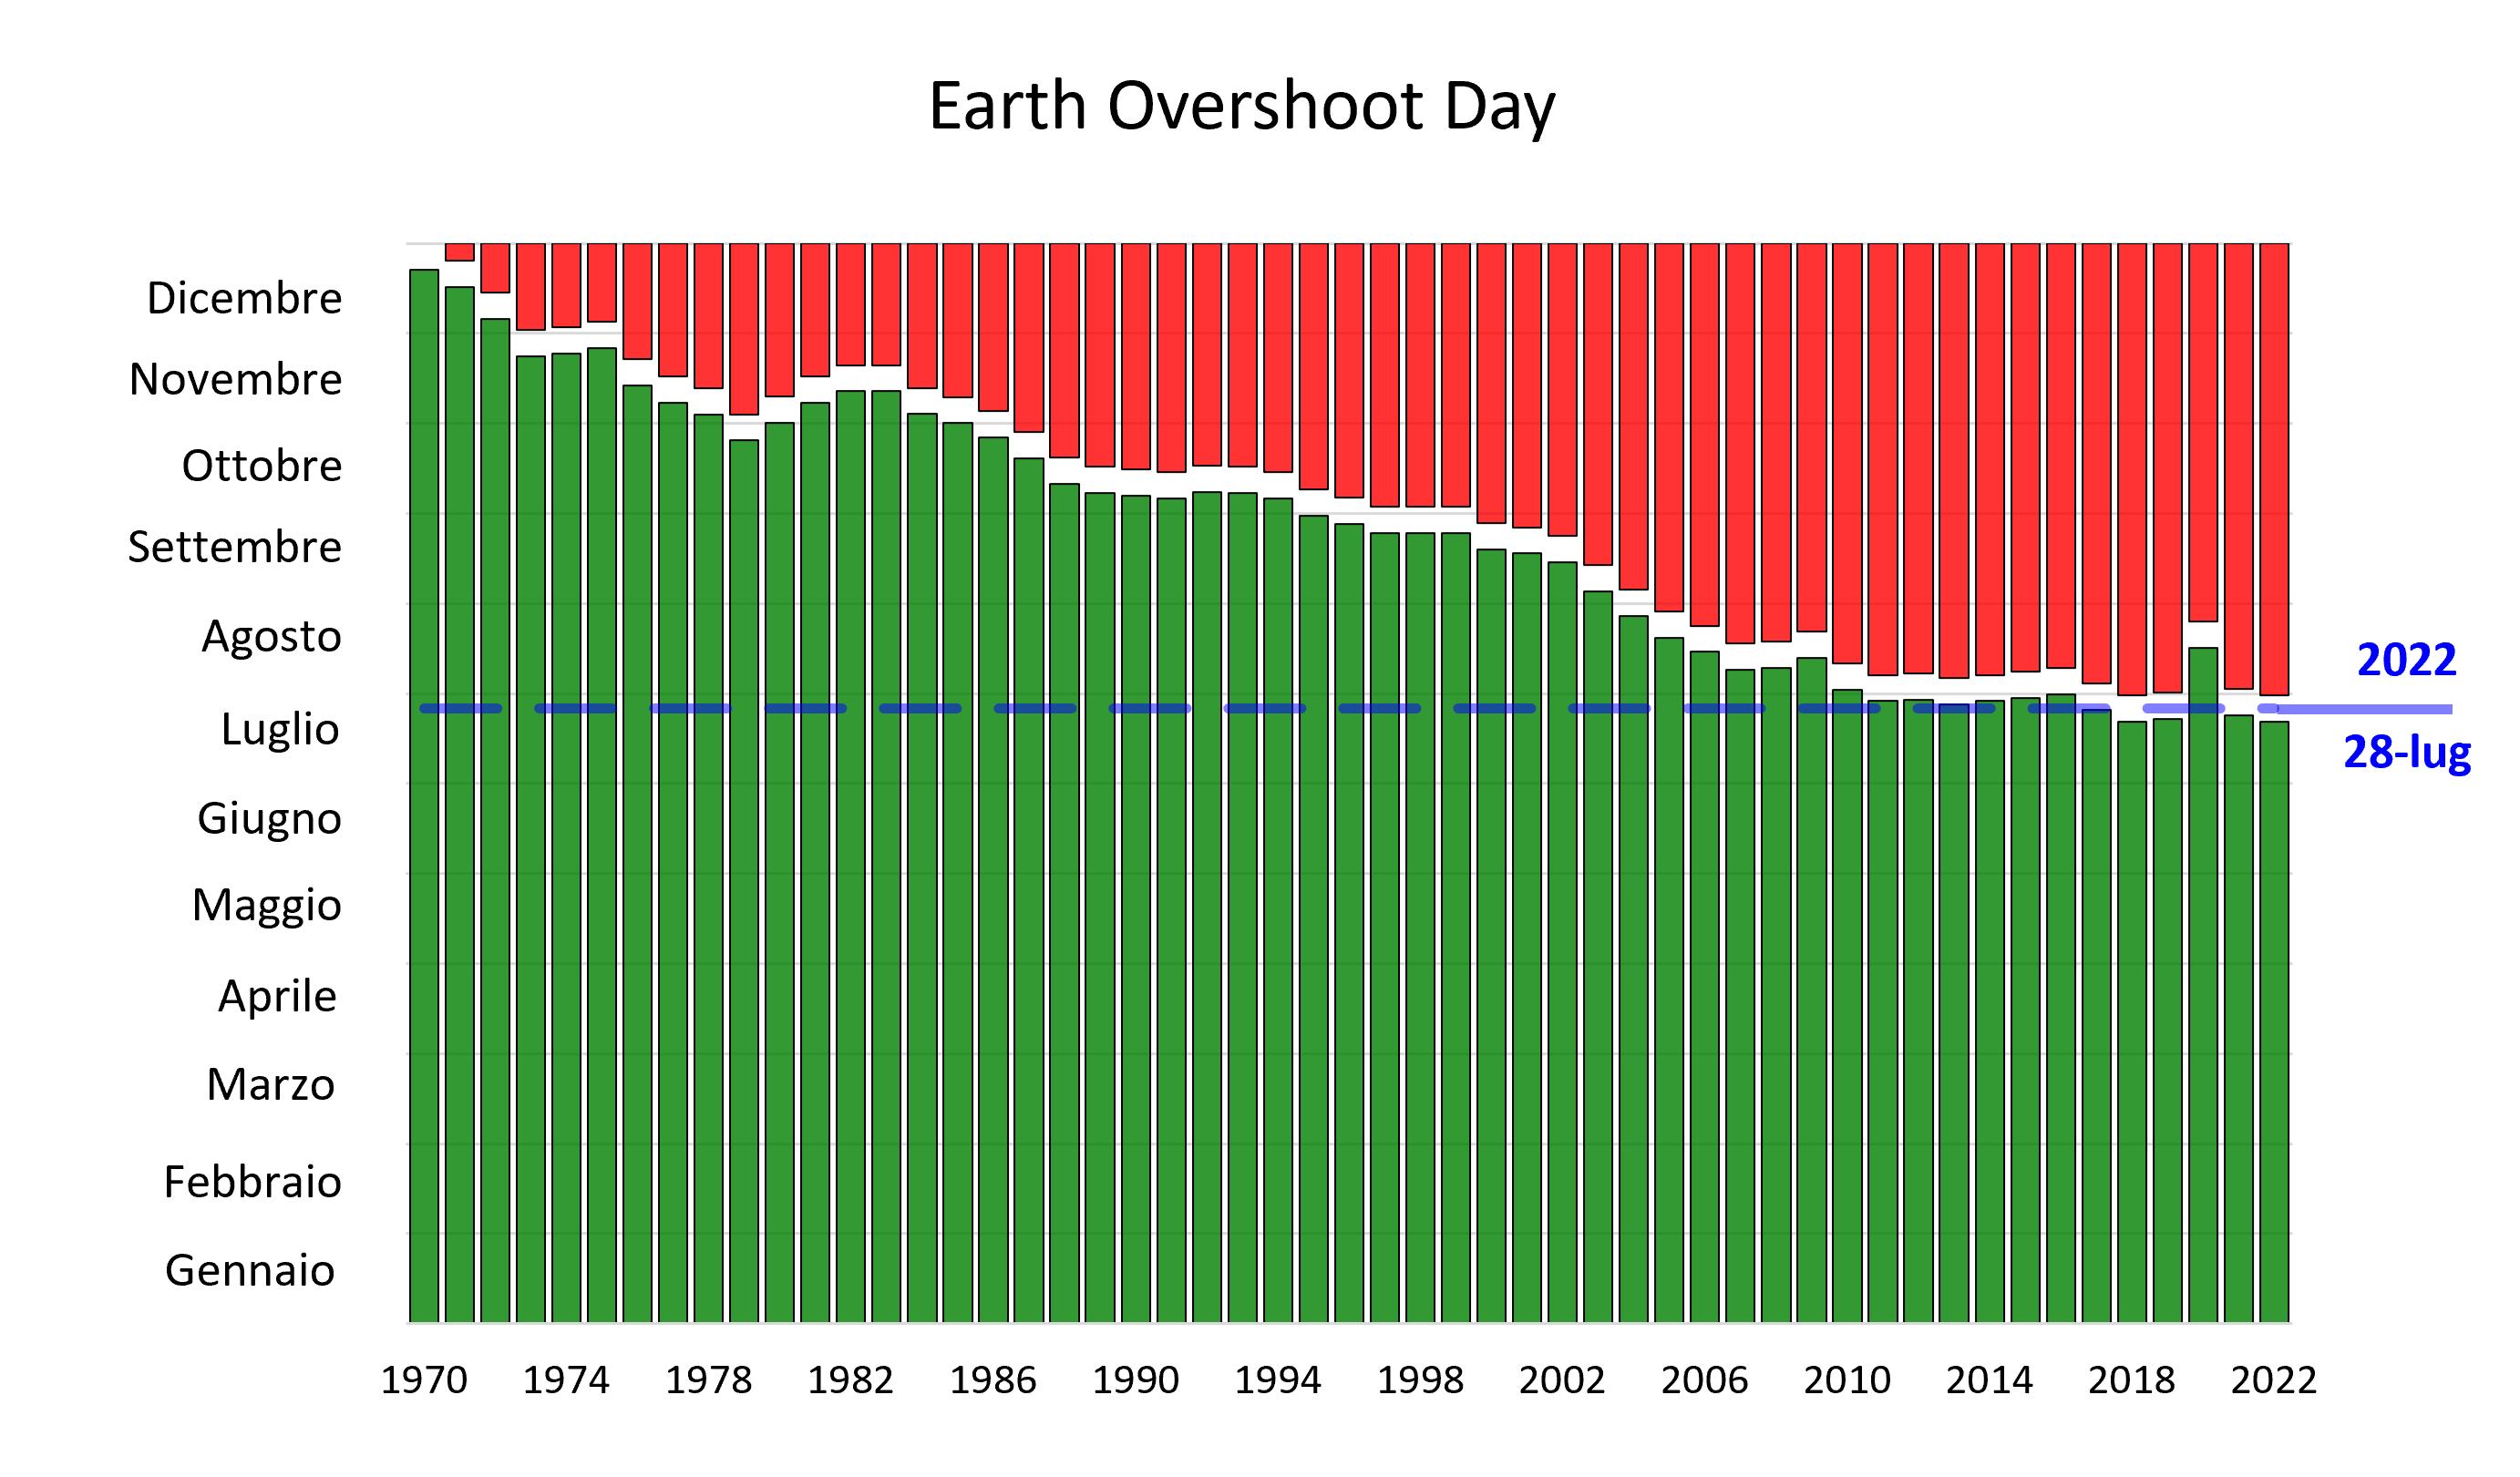 Entwicklung des Earth Overshoot Day von Dezember am Anfang der 1970er Jahre bis zum Juli am Ende der 2010er Jahre